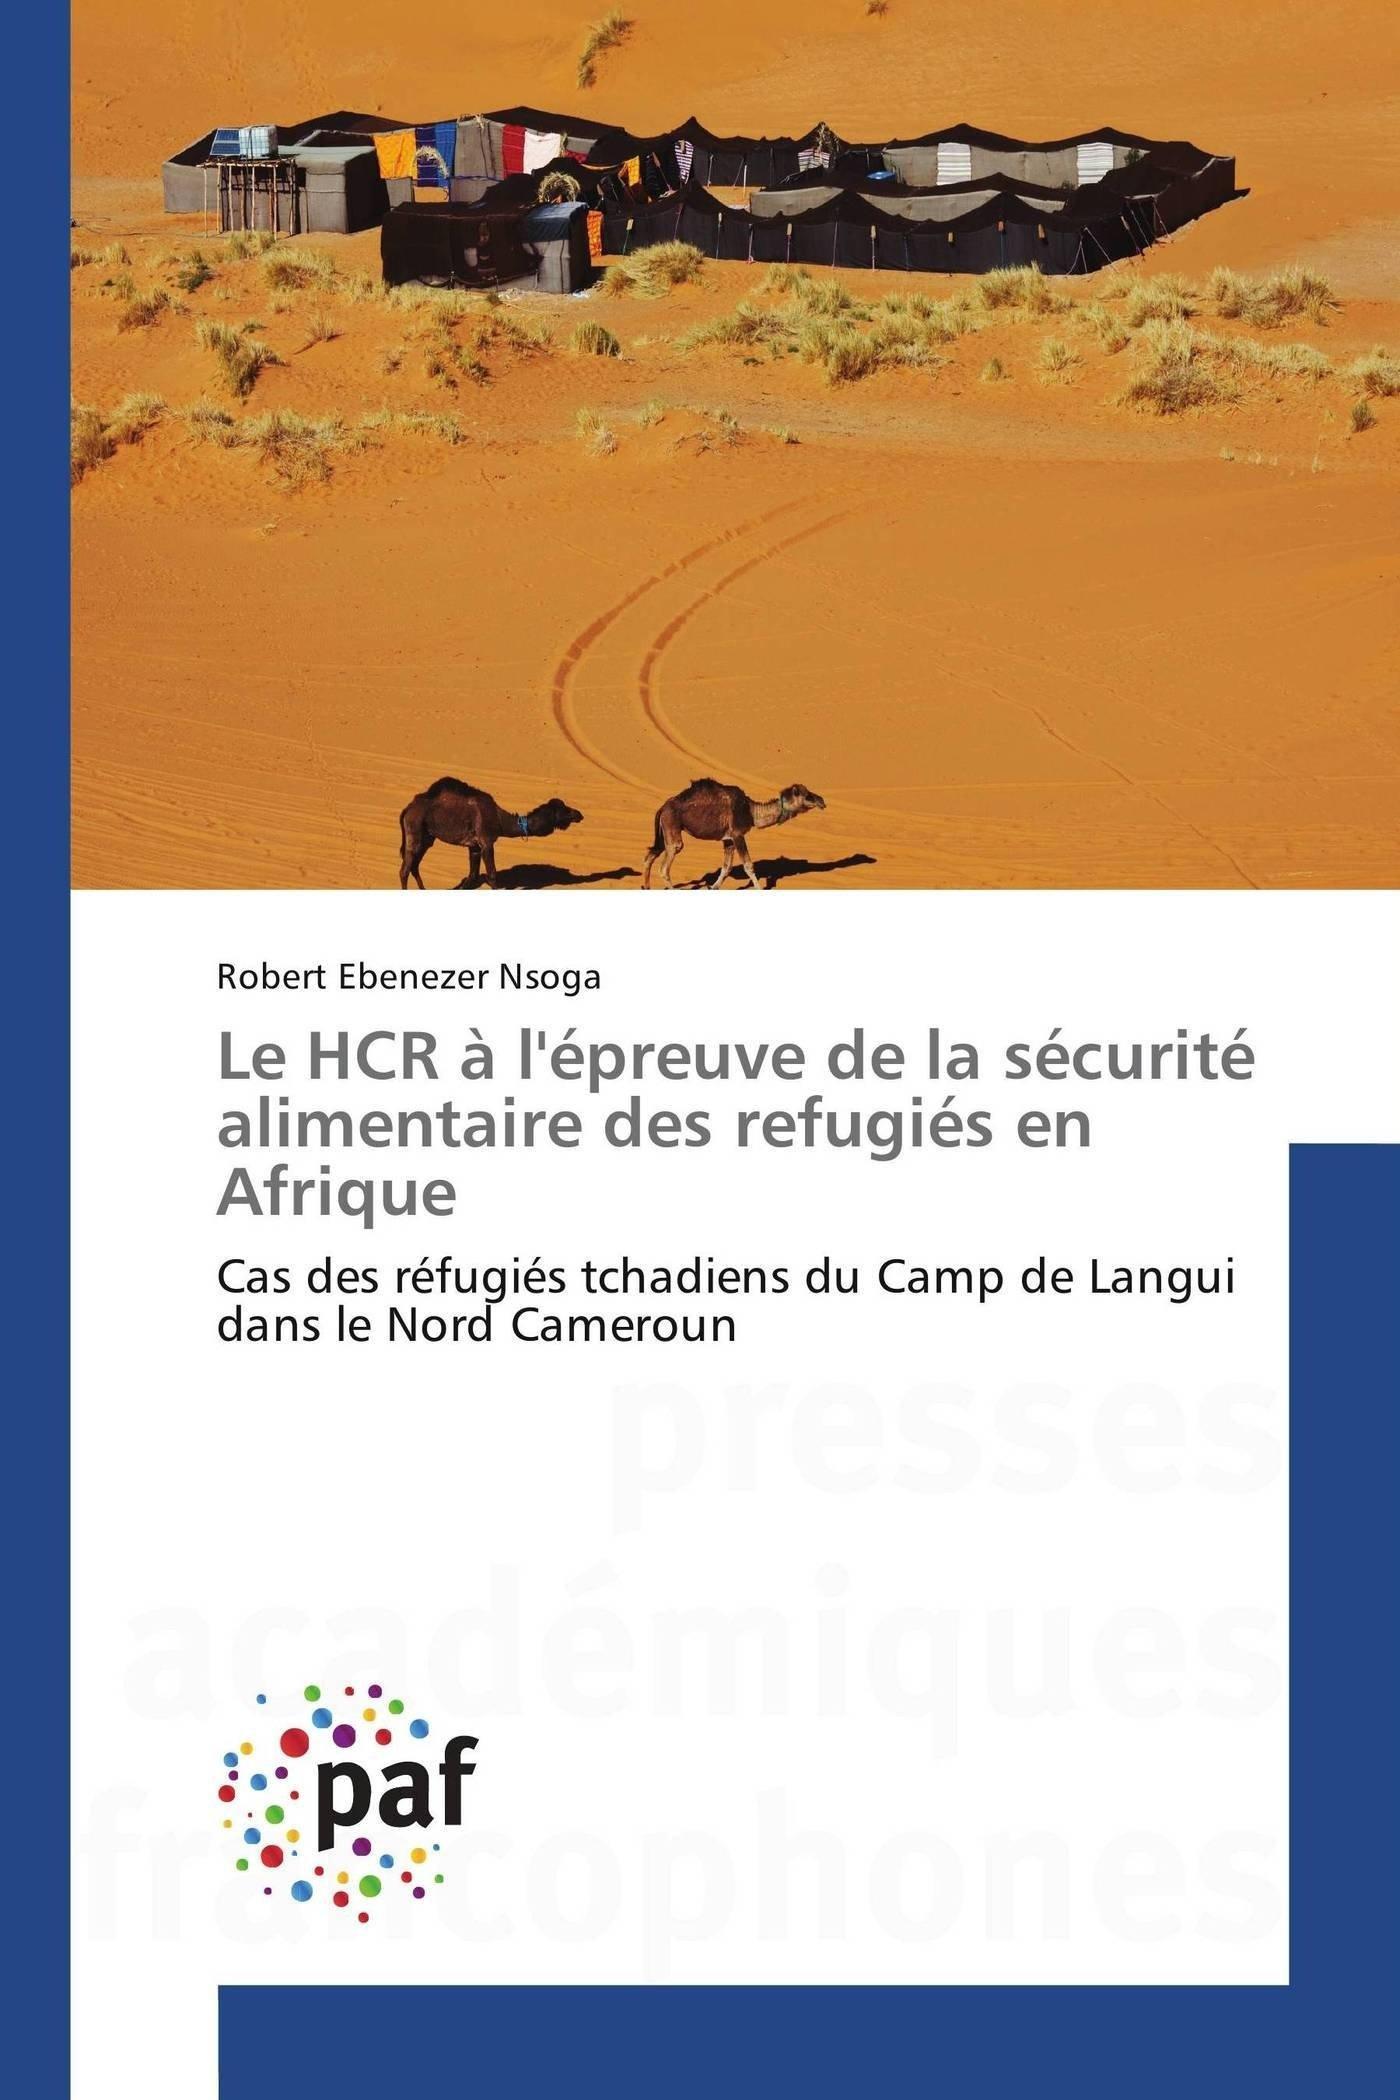 Read Online Le hcr à l'épreuve de la sécurité alimentaire des refugiés en afrique (Omn.Pres.Franc.) (French Edition) ebook